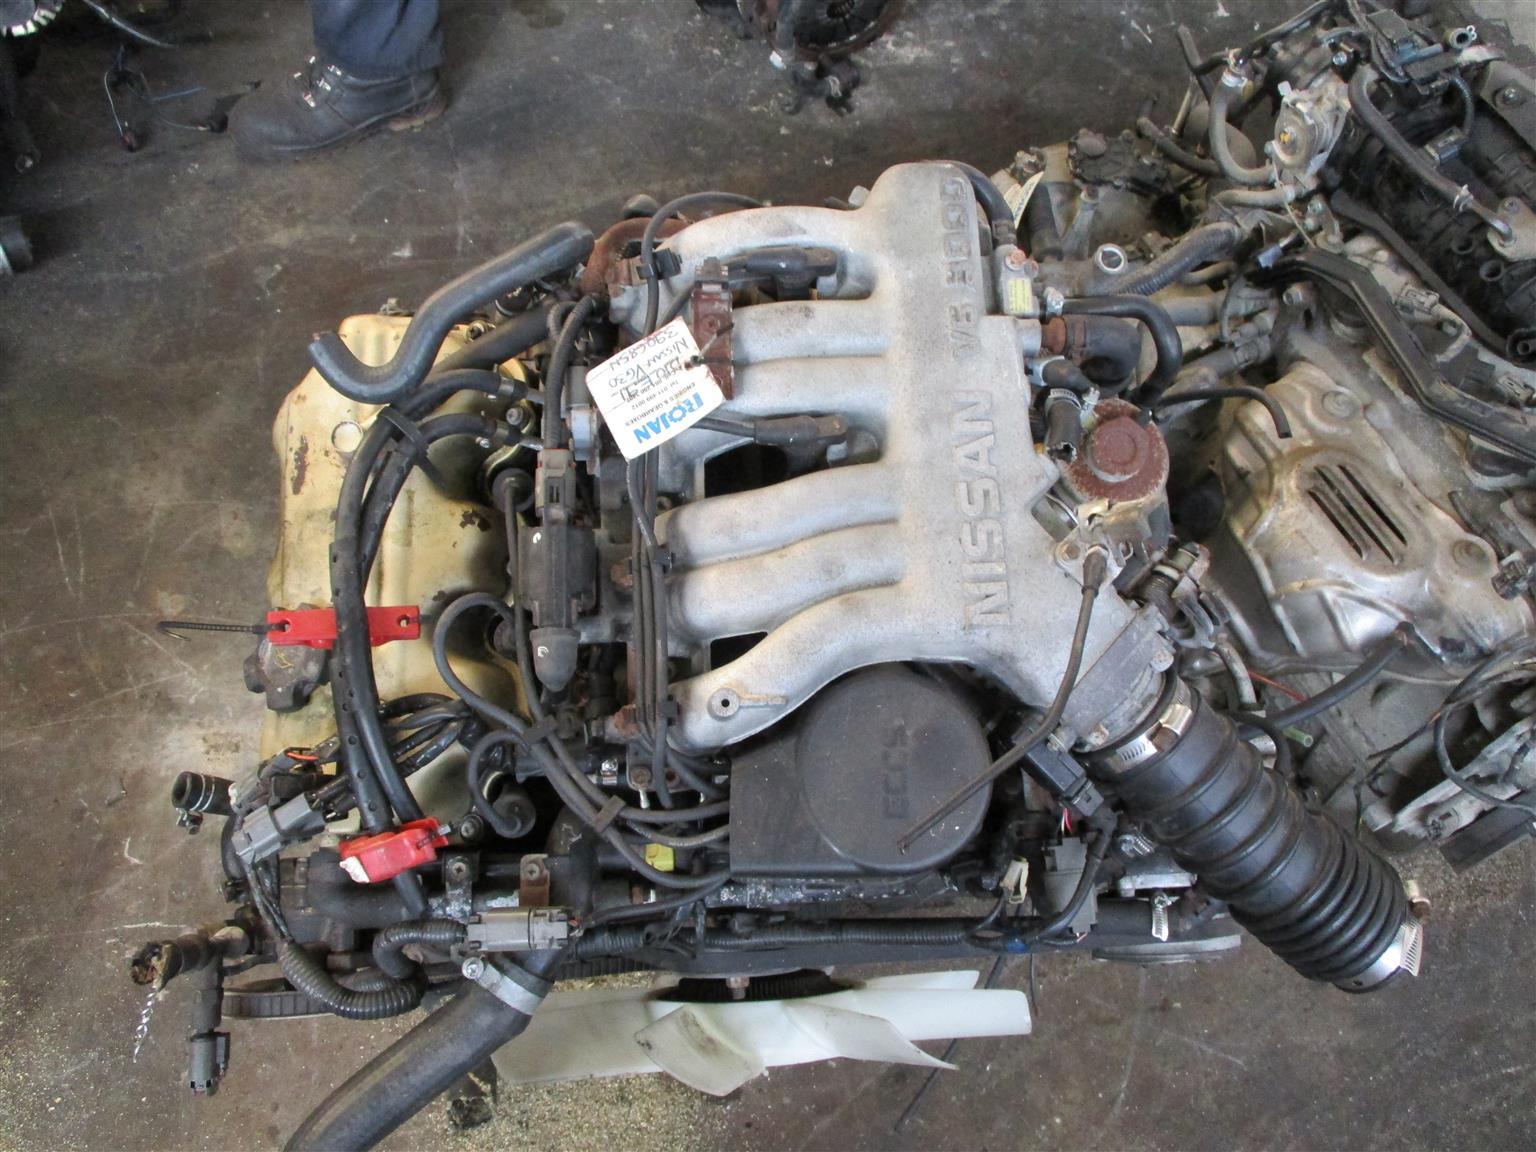 Nissan Hardbody 3.0 V6 Engine